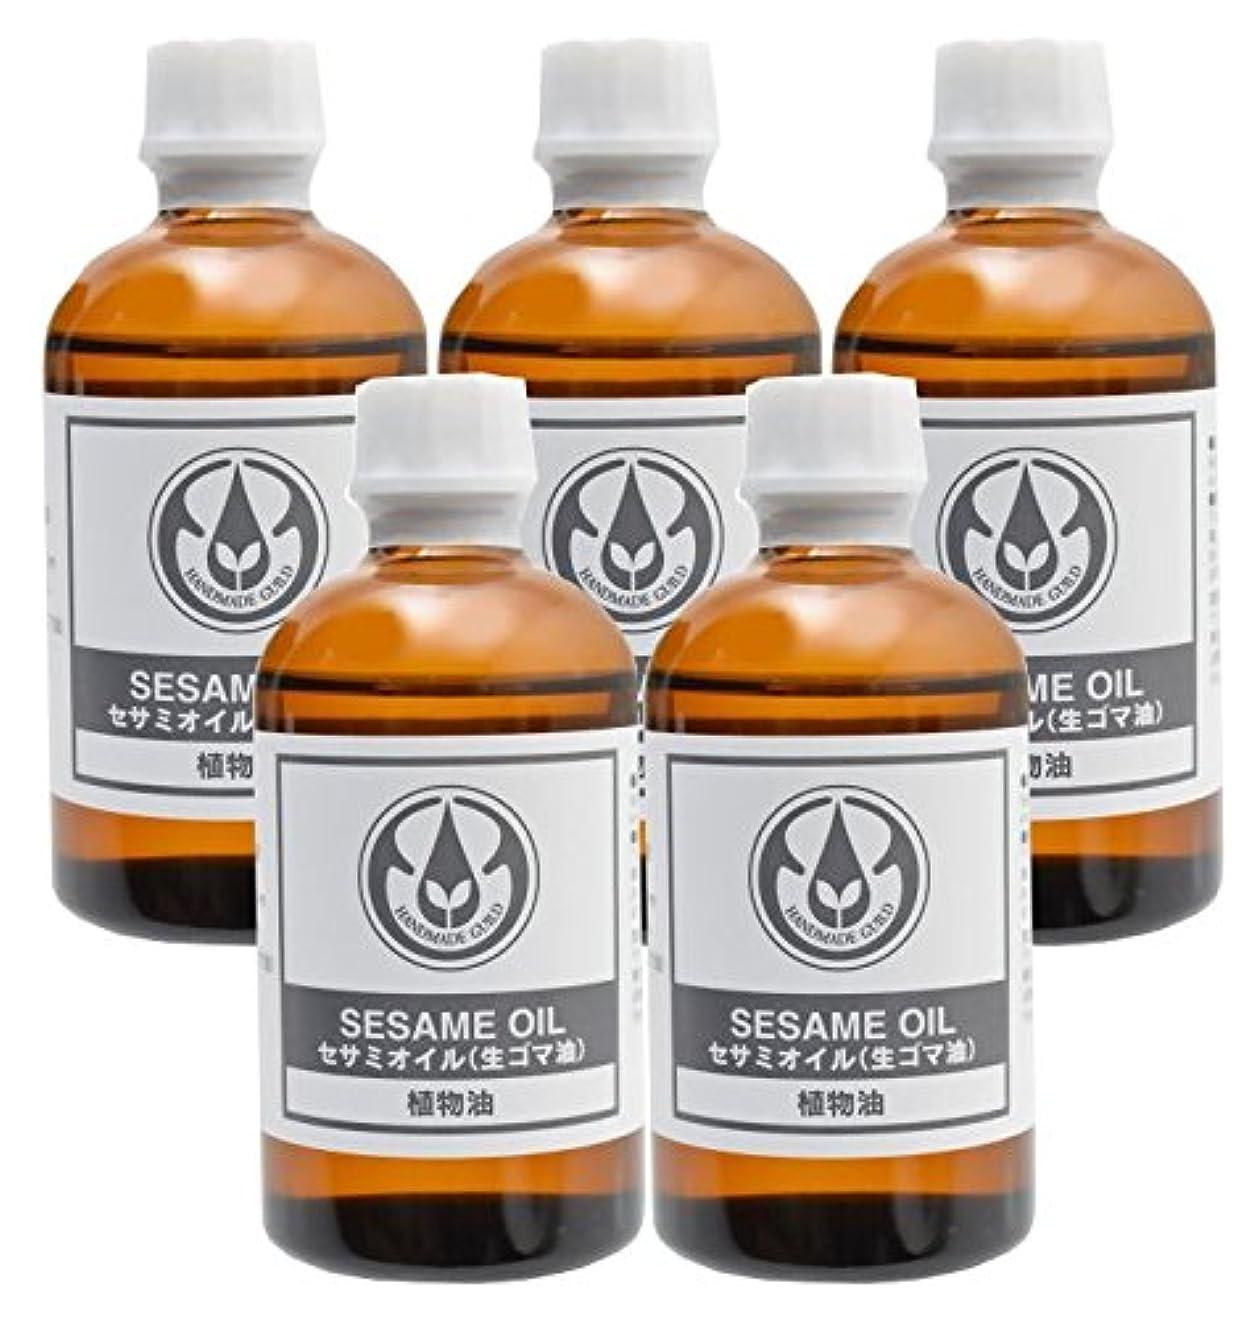 リクルートレーザ贅沢セサミ油(生ゴマ油)100ml◆ (5瓶)